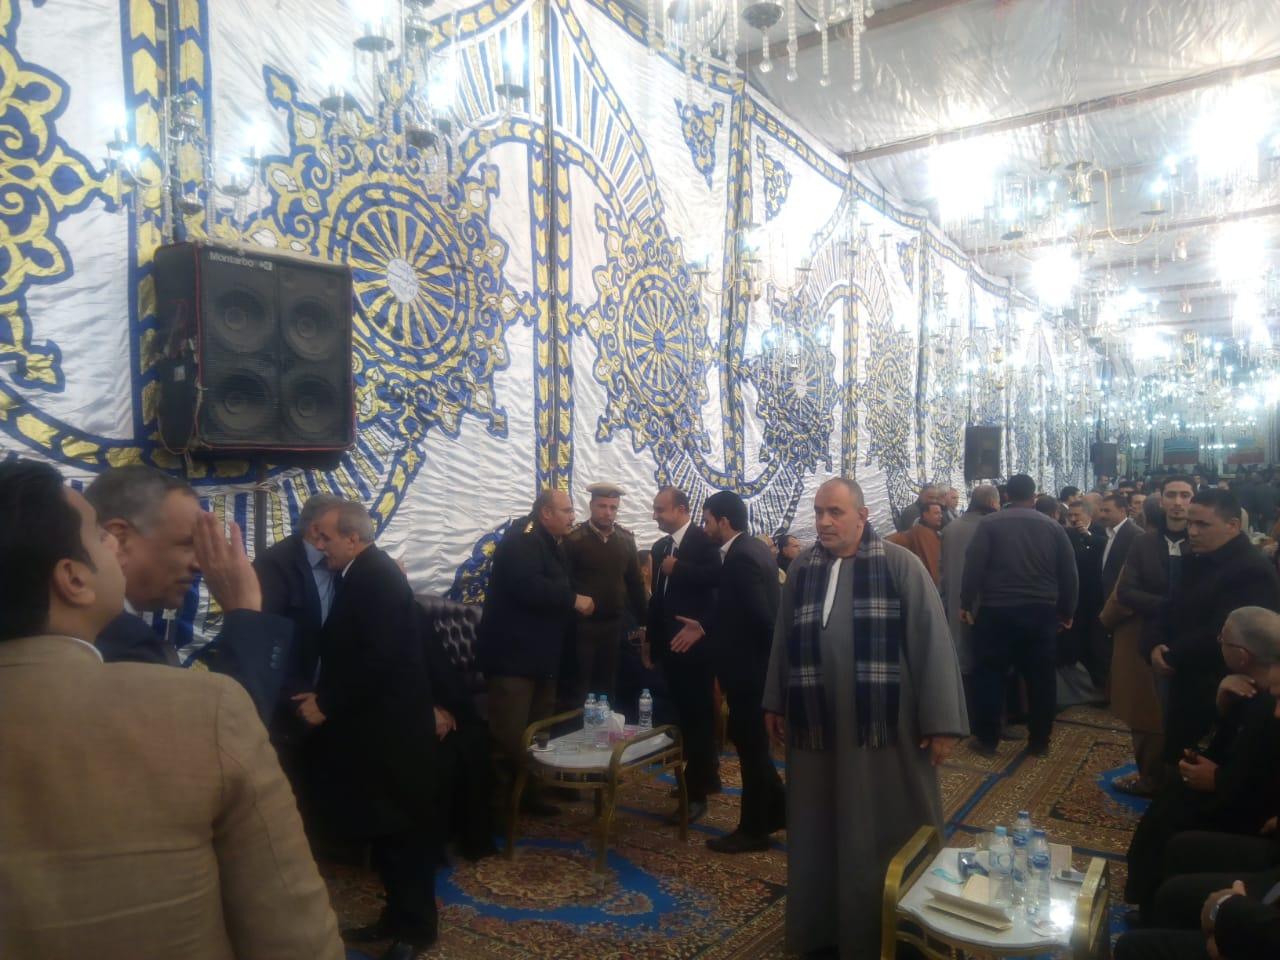 صور | سعد الدين ورشاد والسجيني يحضرون عزاء والدة النائب مصطفى الكمار